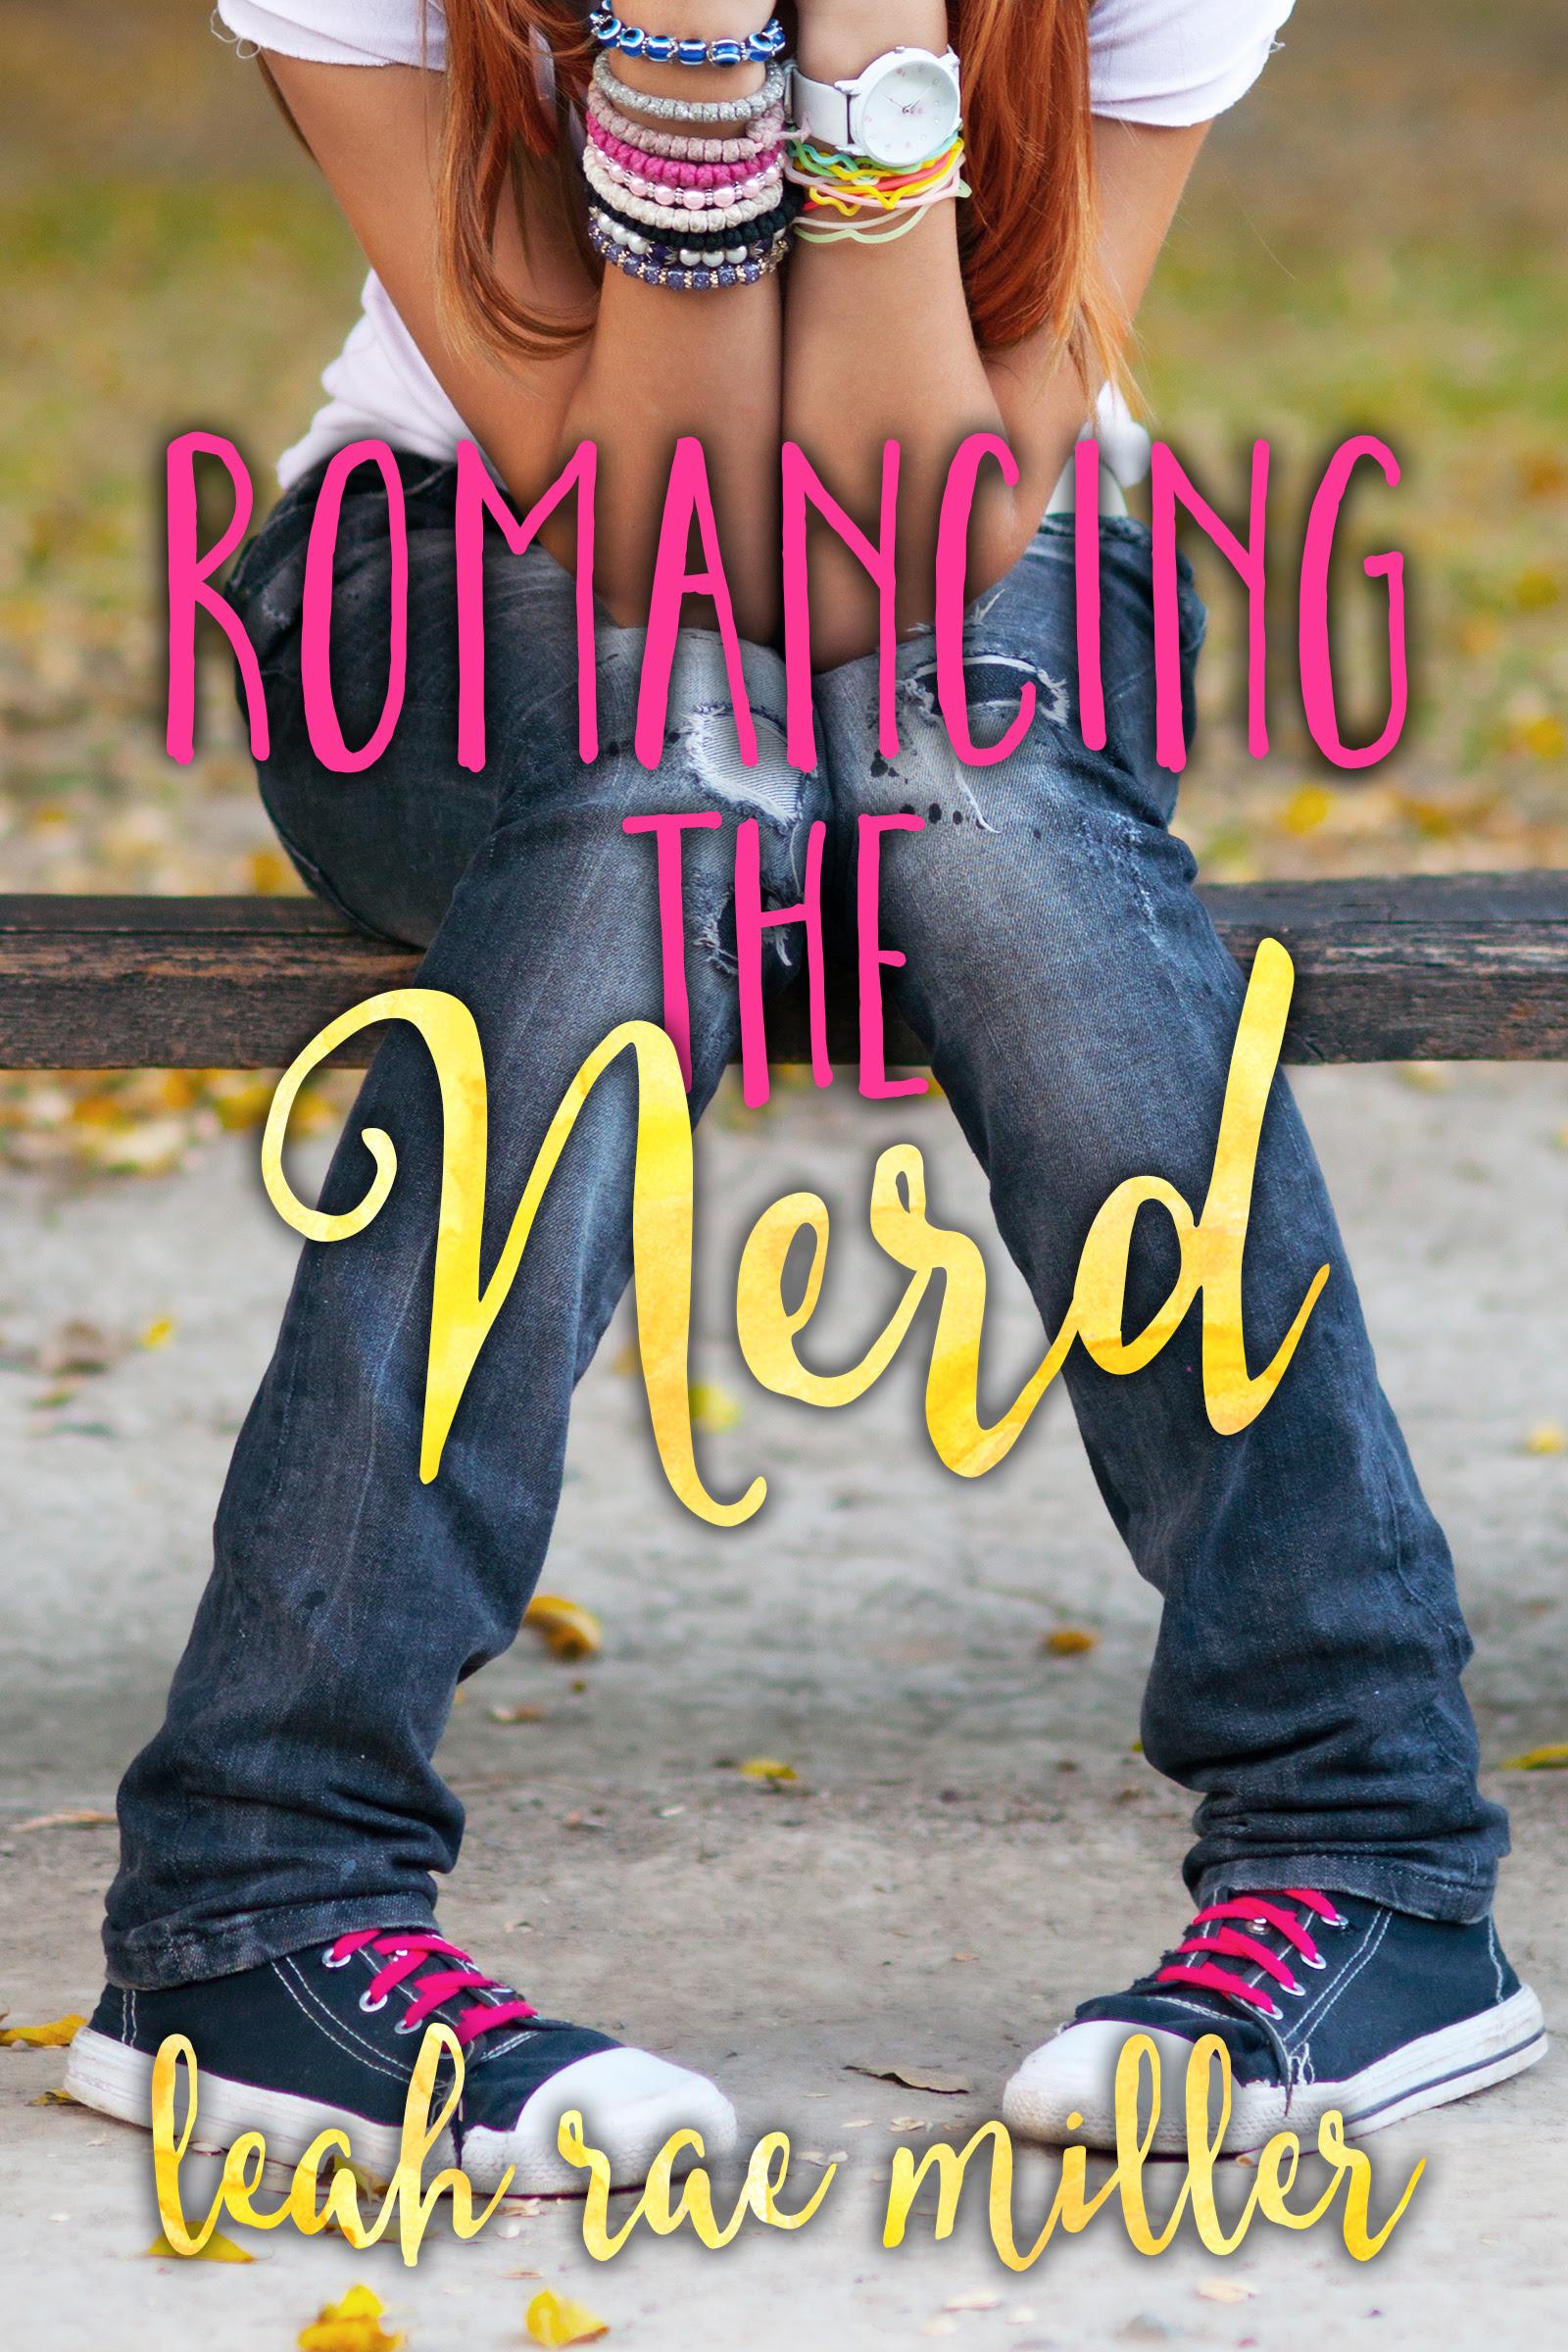 Romancing the Nerd-1600x2400 copy